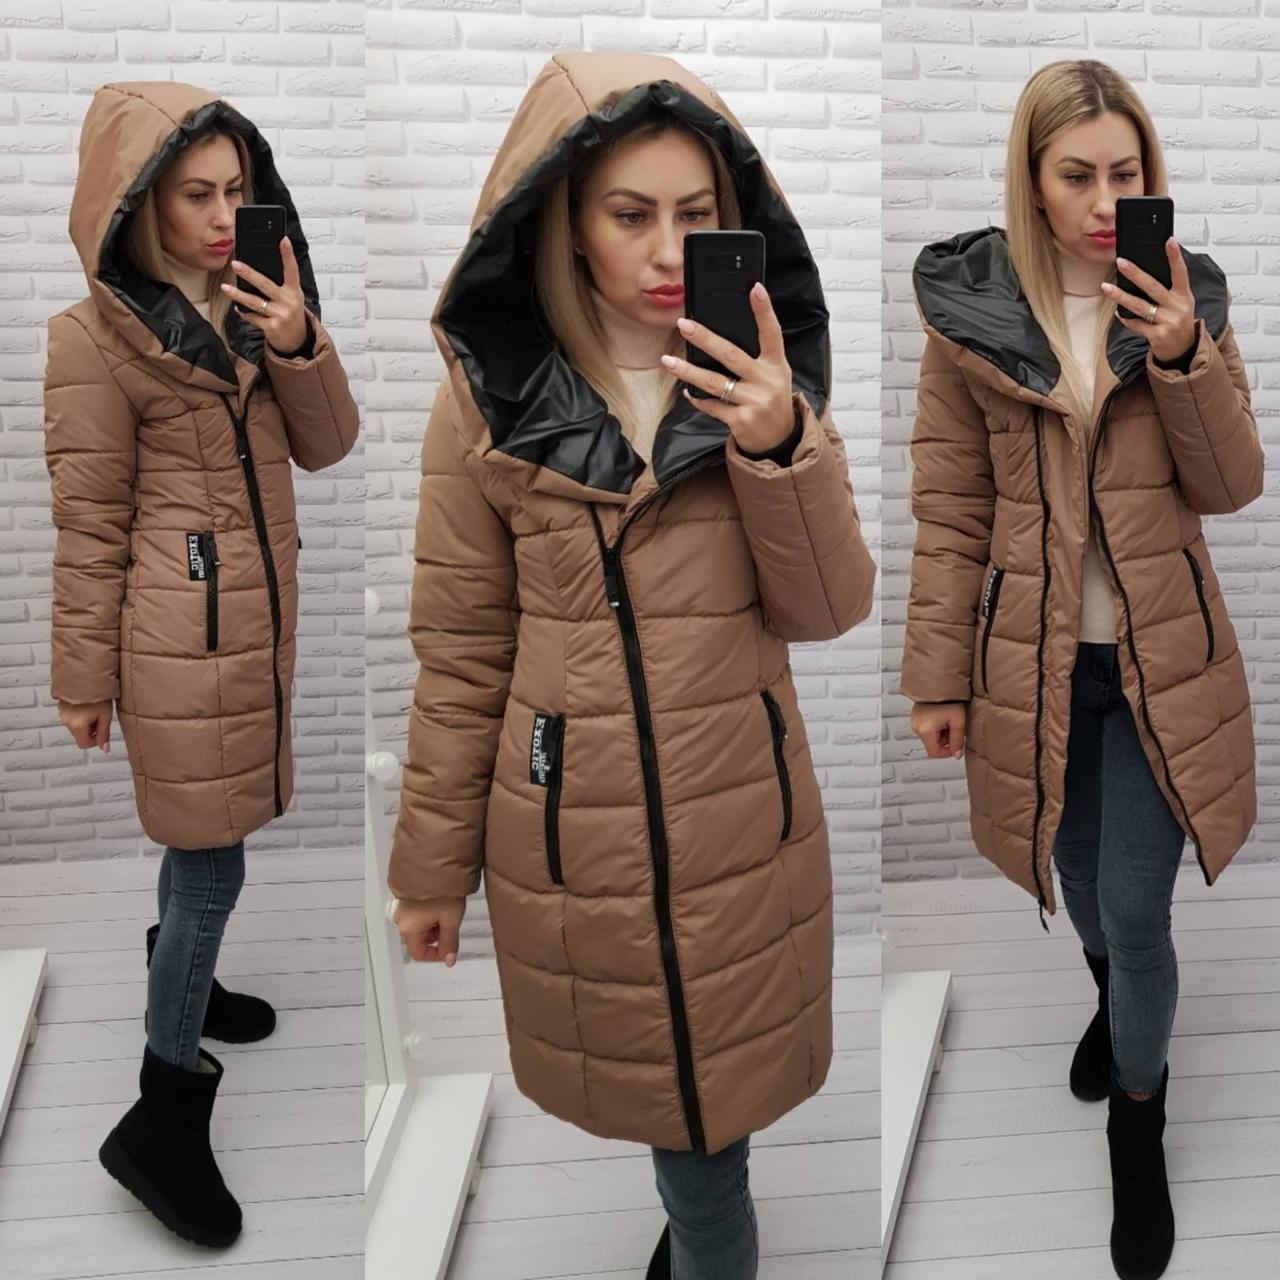 Зимняя куртка-пуховик женская 2021, арт 414, цвет кофе с молоком